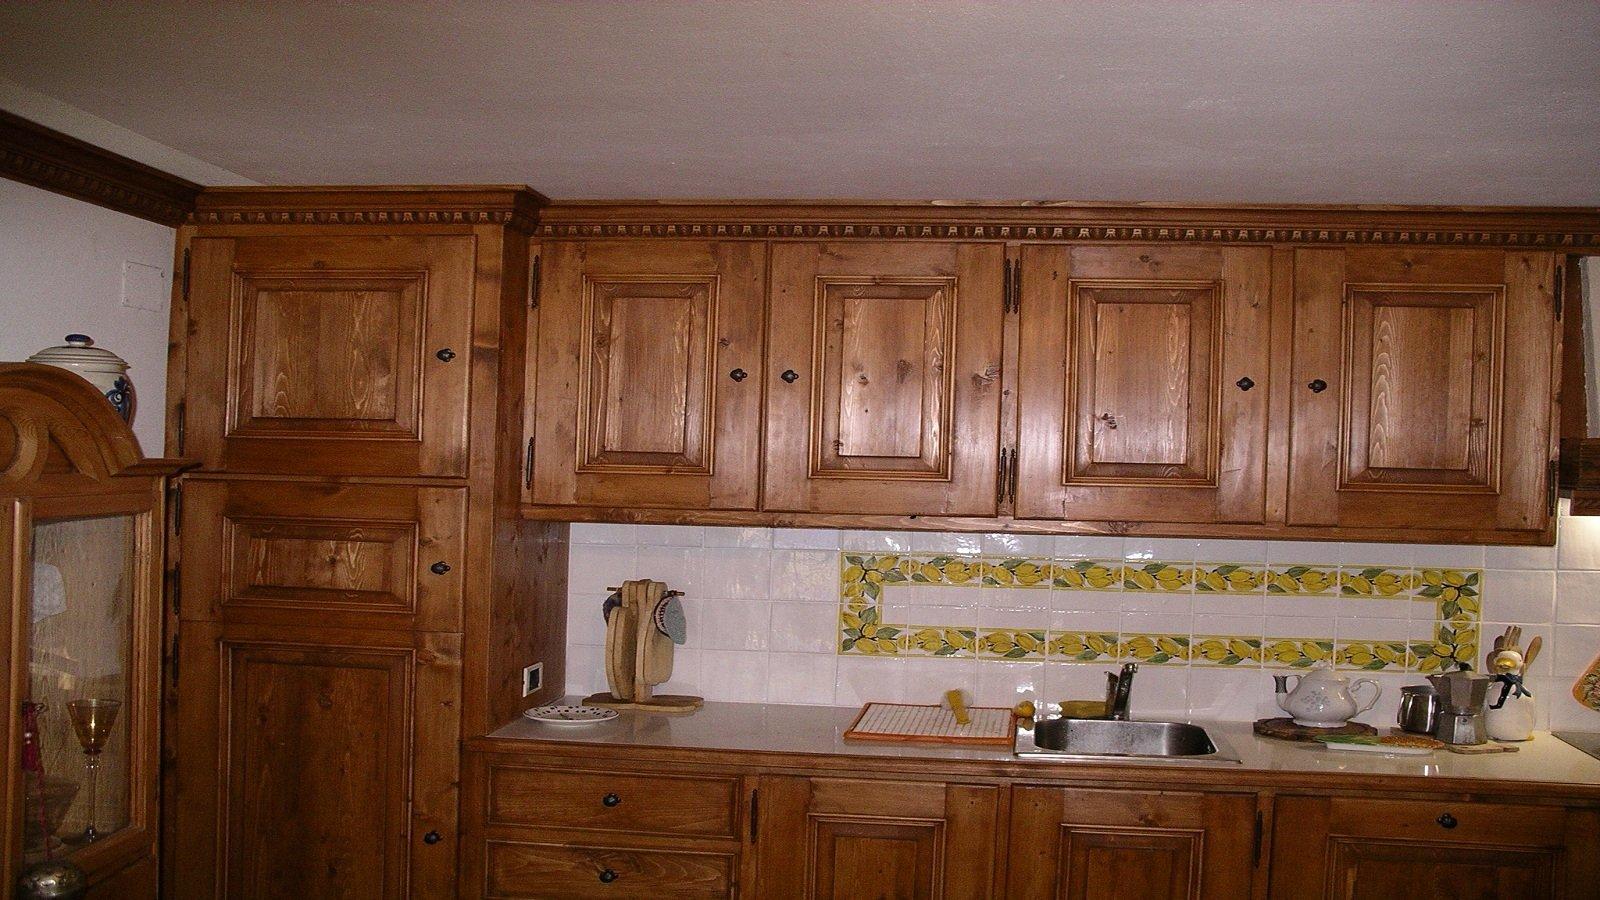 una cucina blocco con mobili in legno